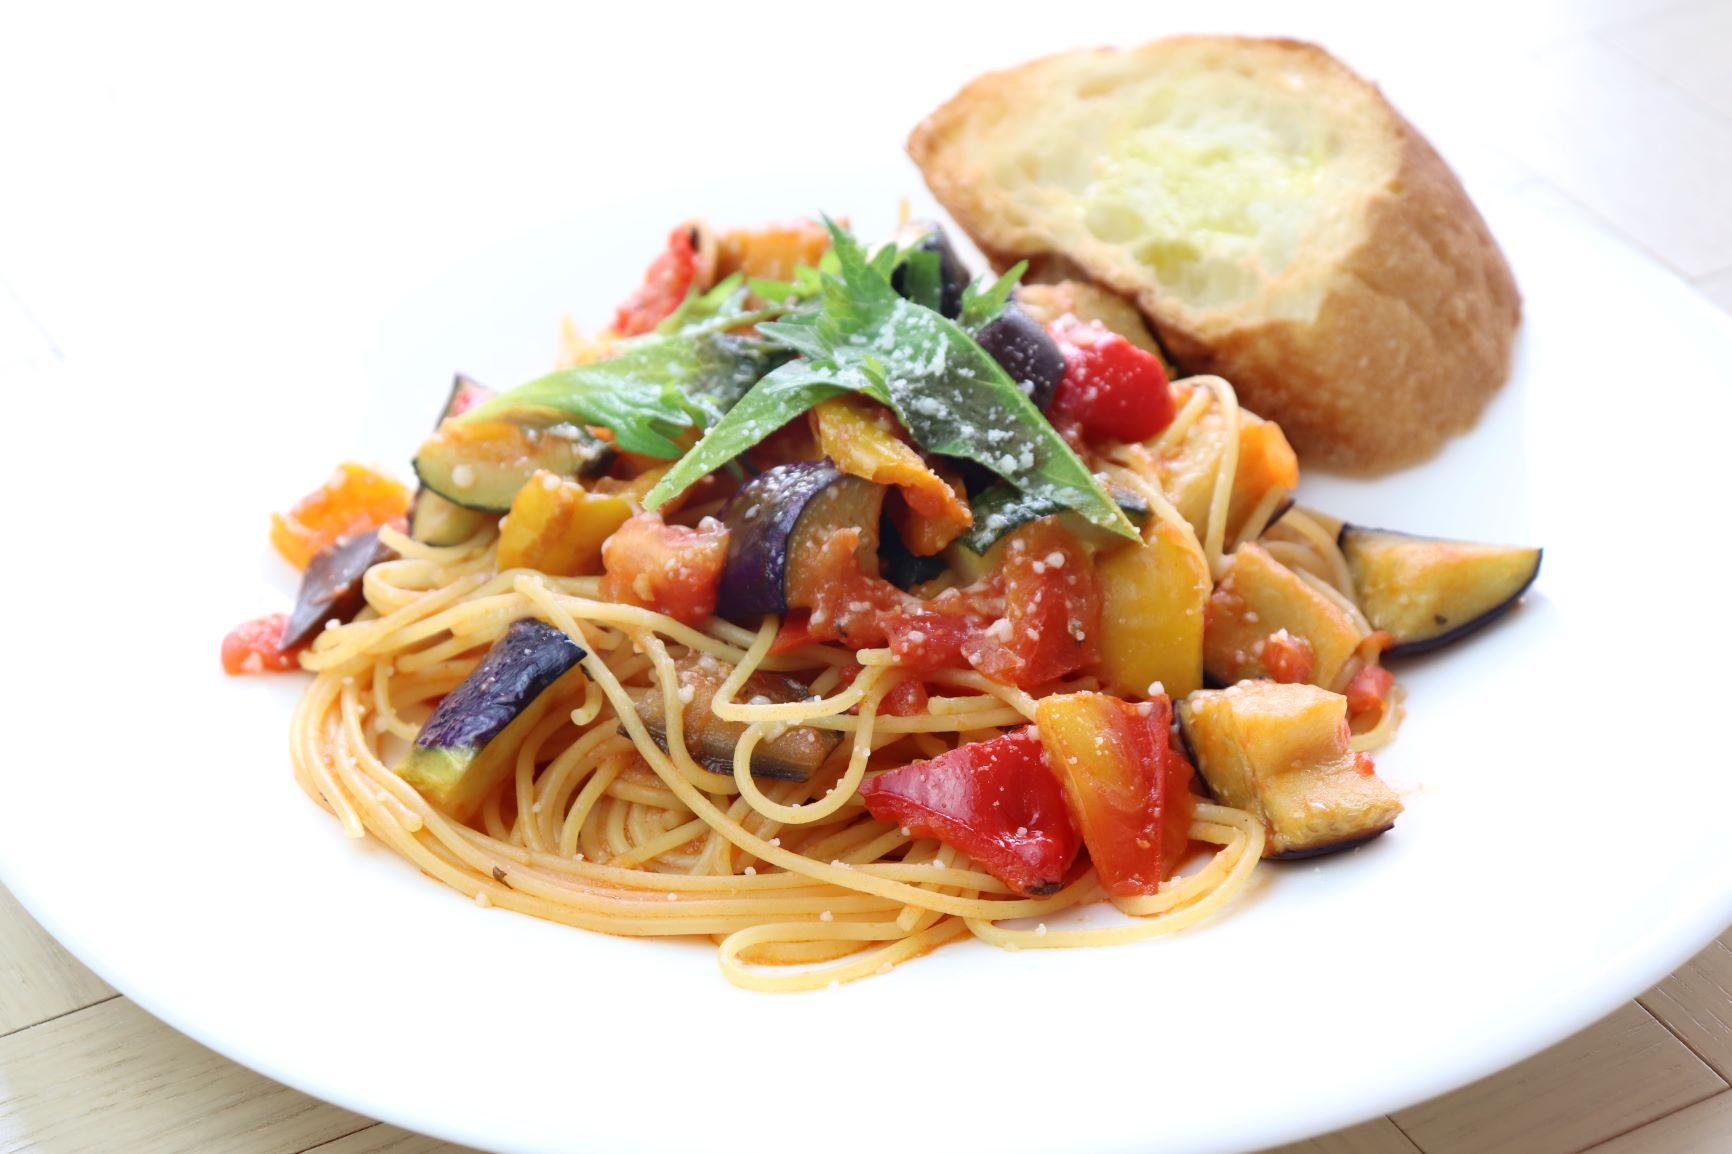 【期間限定ランチ】夏野菜のトマトソースパスタイメージ